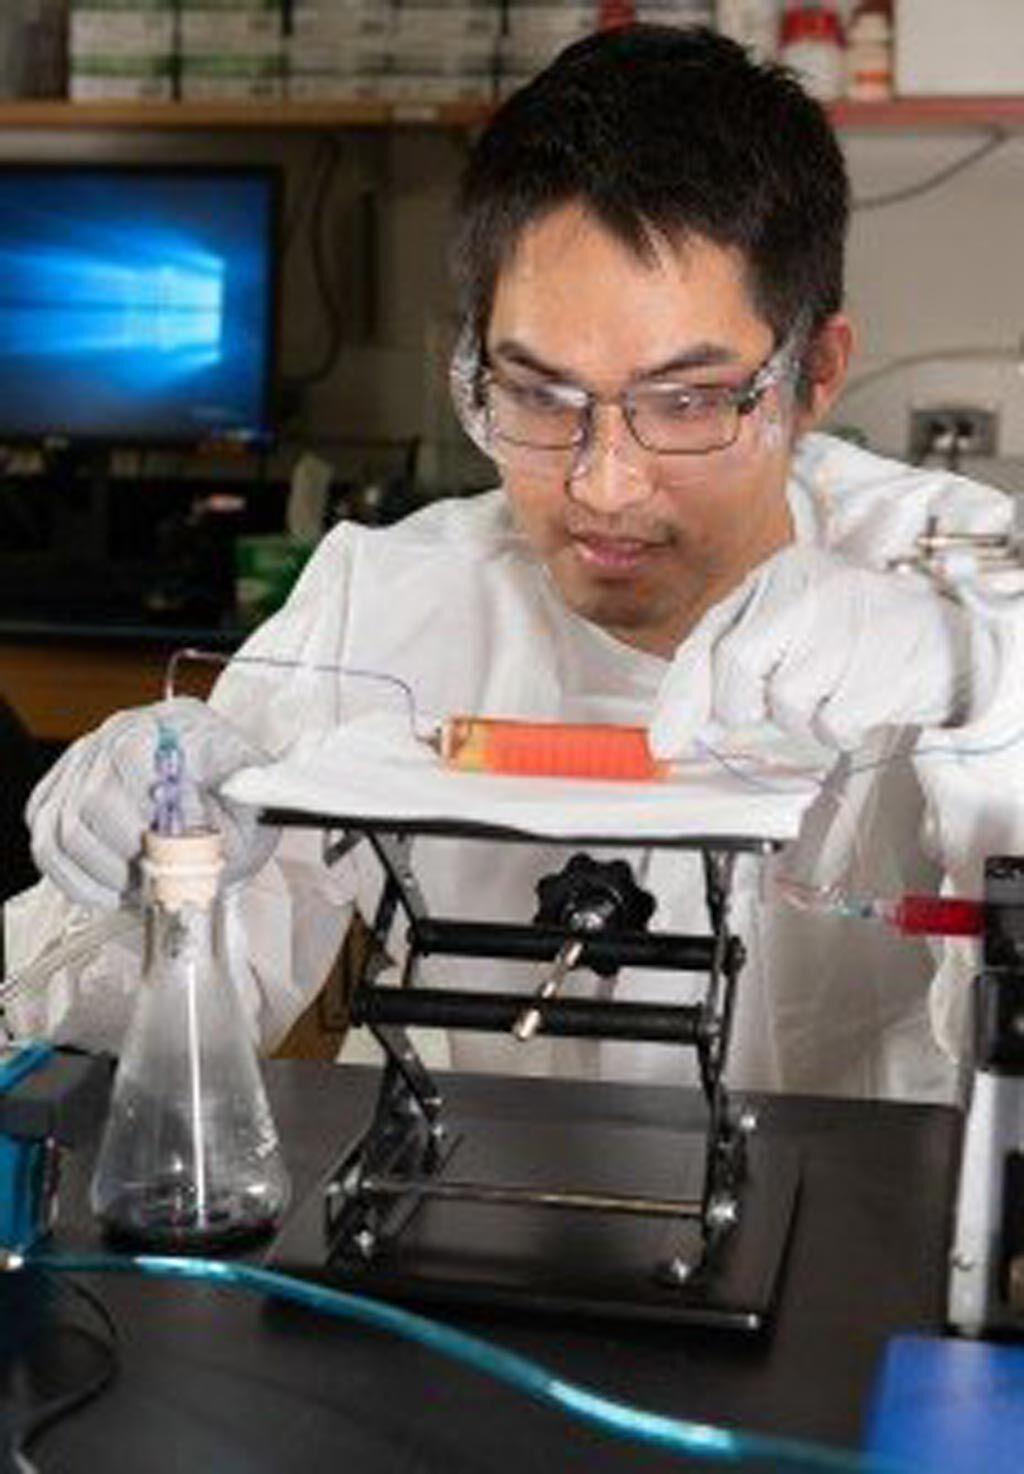 Imagen: Una trampa nueva de células impresa en tres dimensiones captura los glóbulos blancos y elimina los glóbulos rojos de una muestra de sangre total al tiempo que aísla las células tumorales circulantes (CTC) (Fotografía cortesía de Allison Carter, Instituto de Tecnología de Georgia).